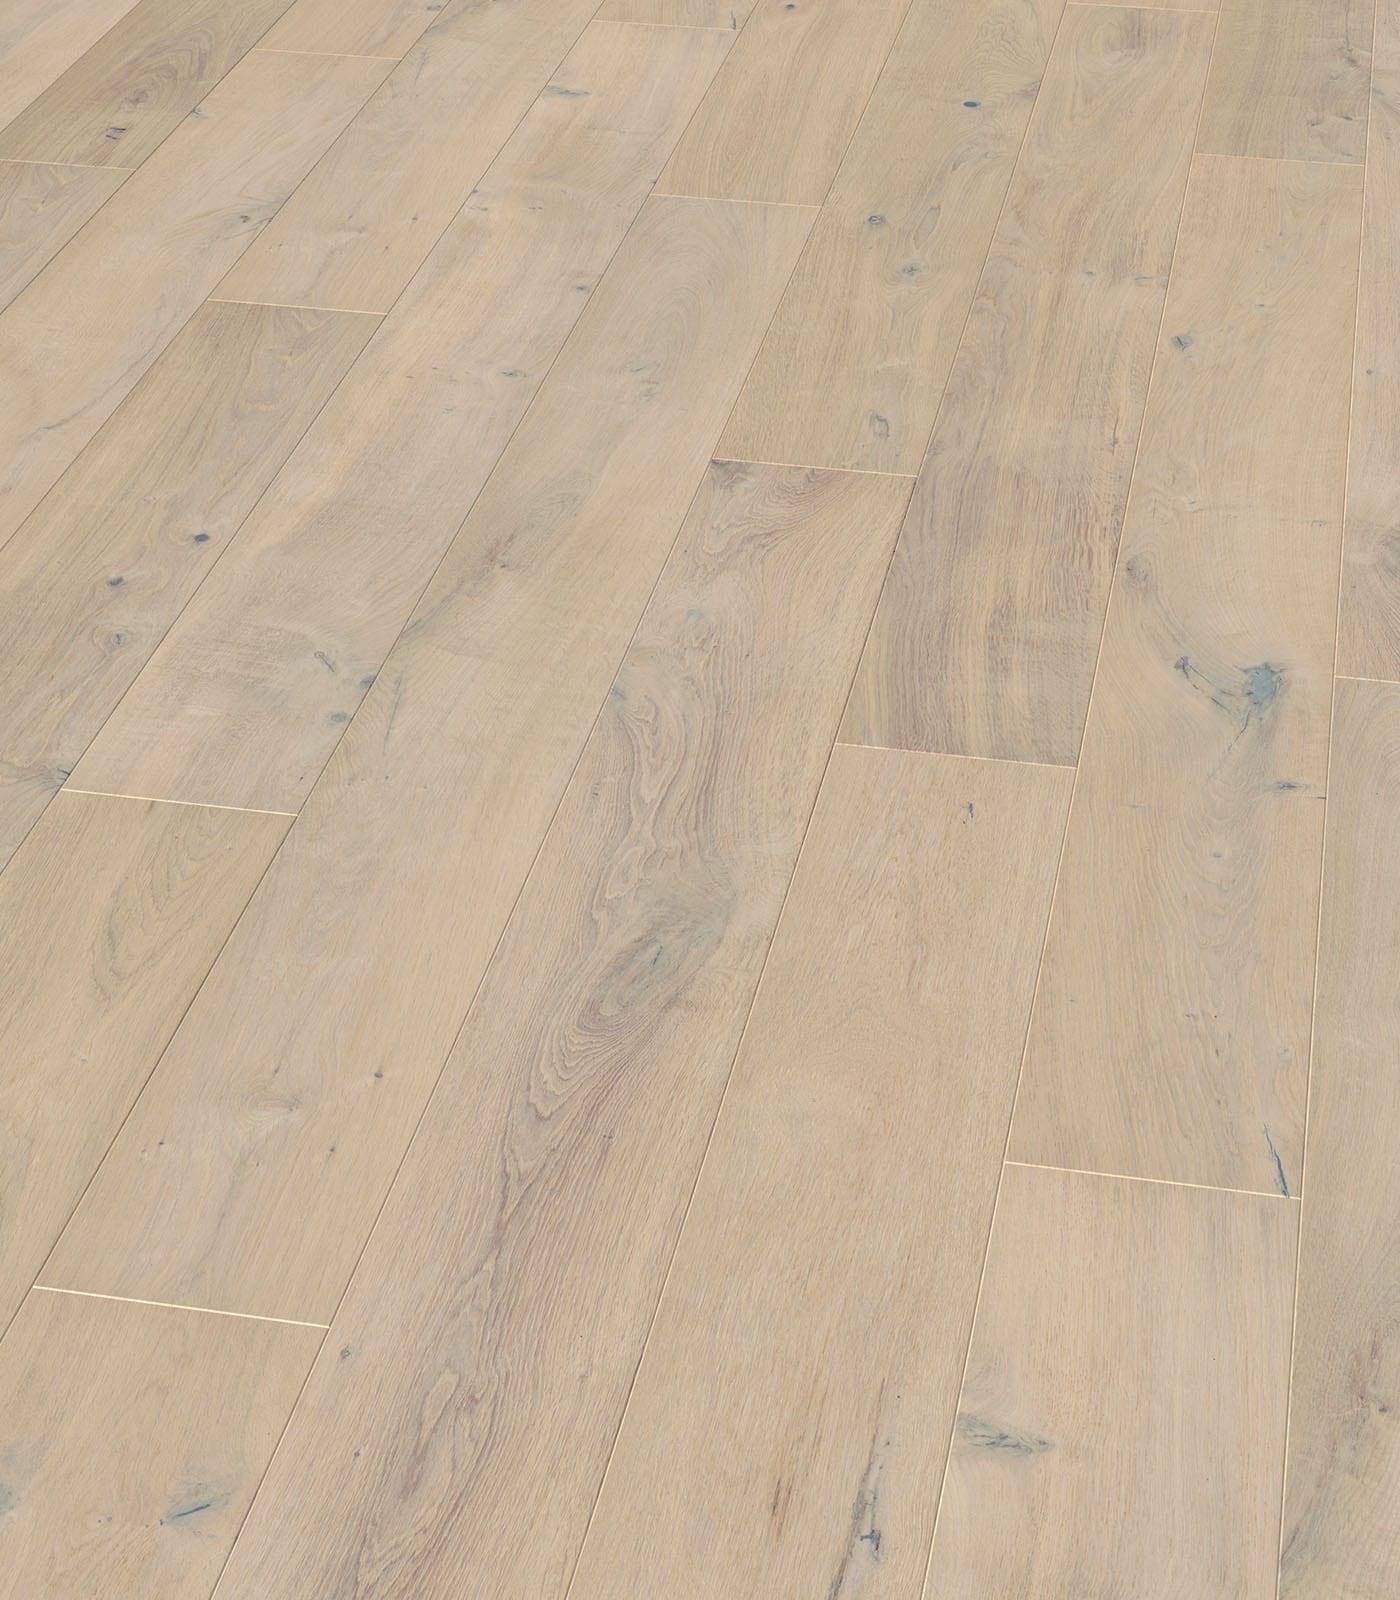 Oahu-European Oak Floors-Lifestyle Collection-angle